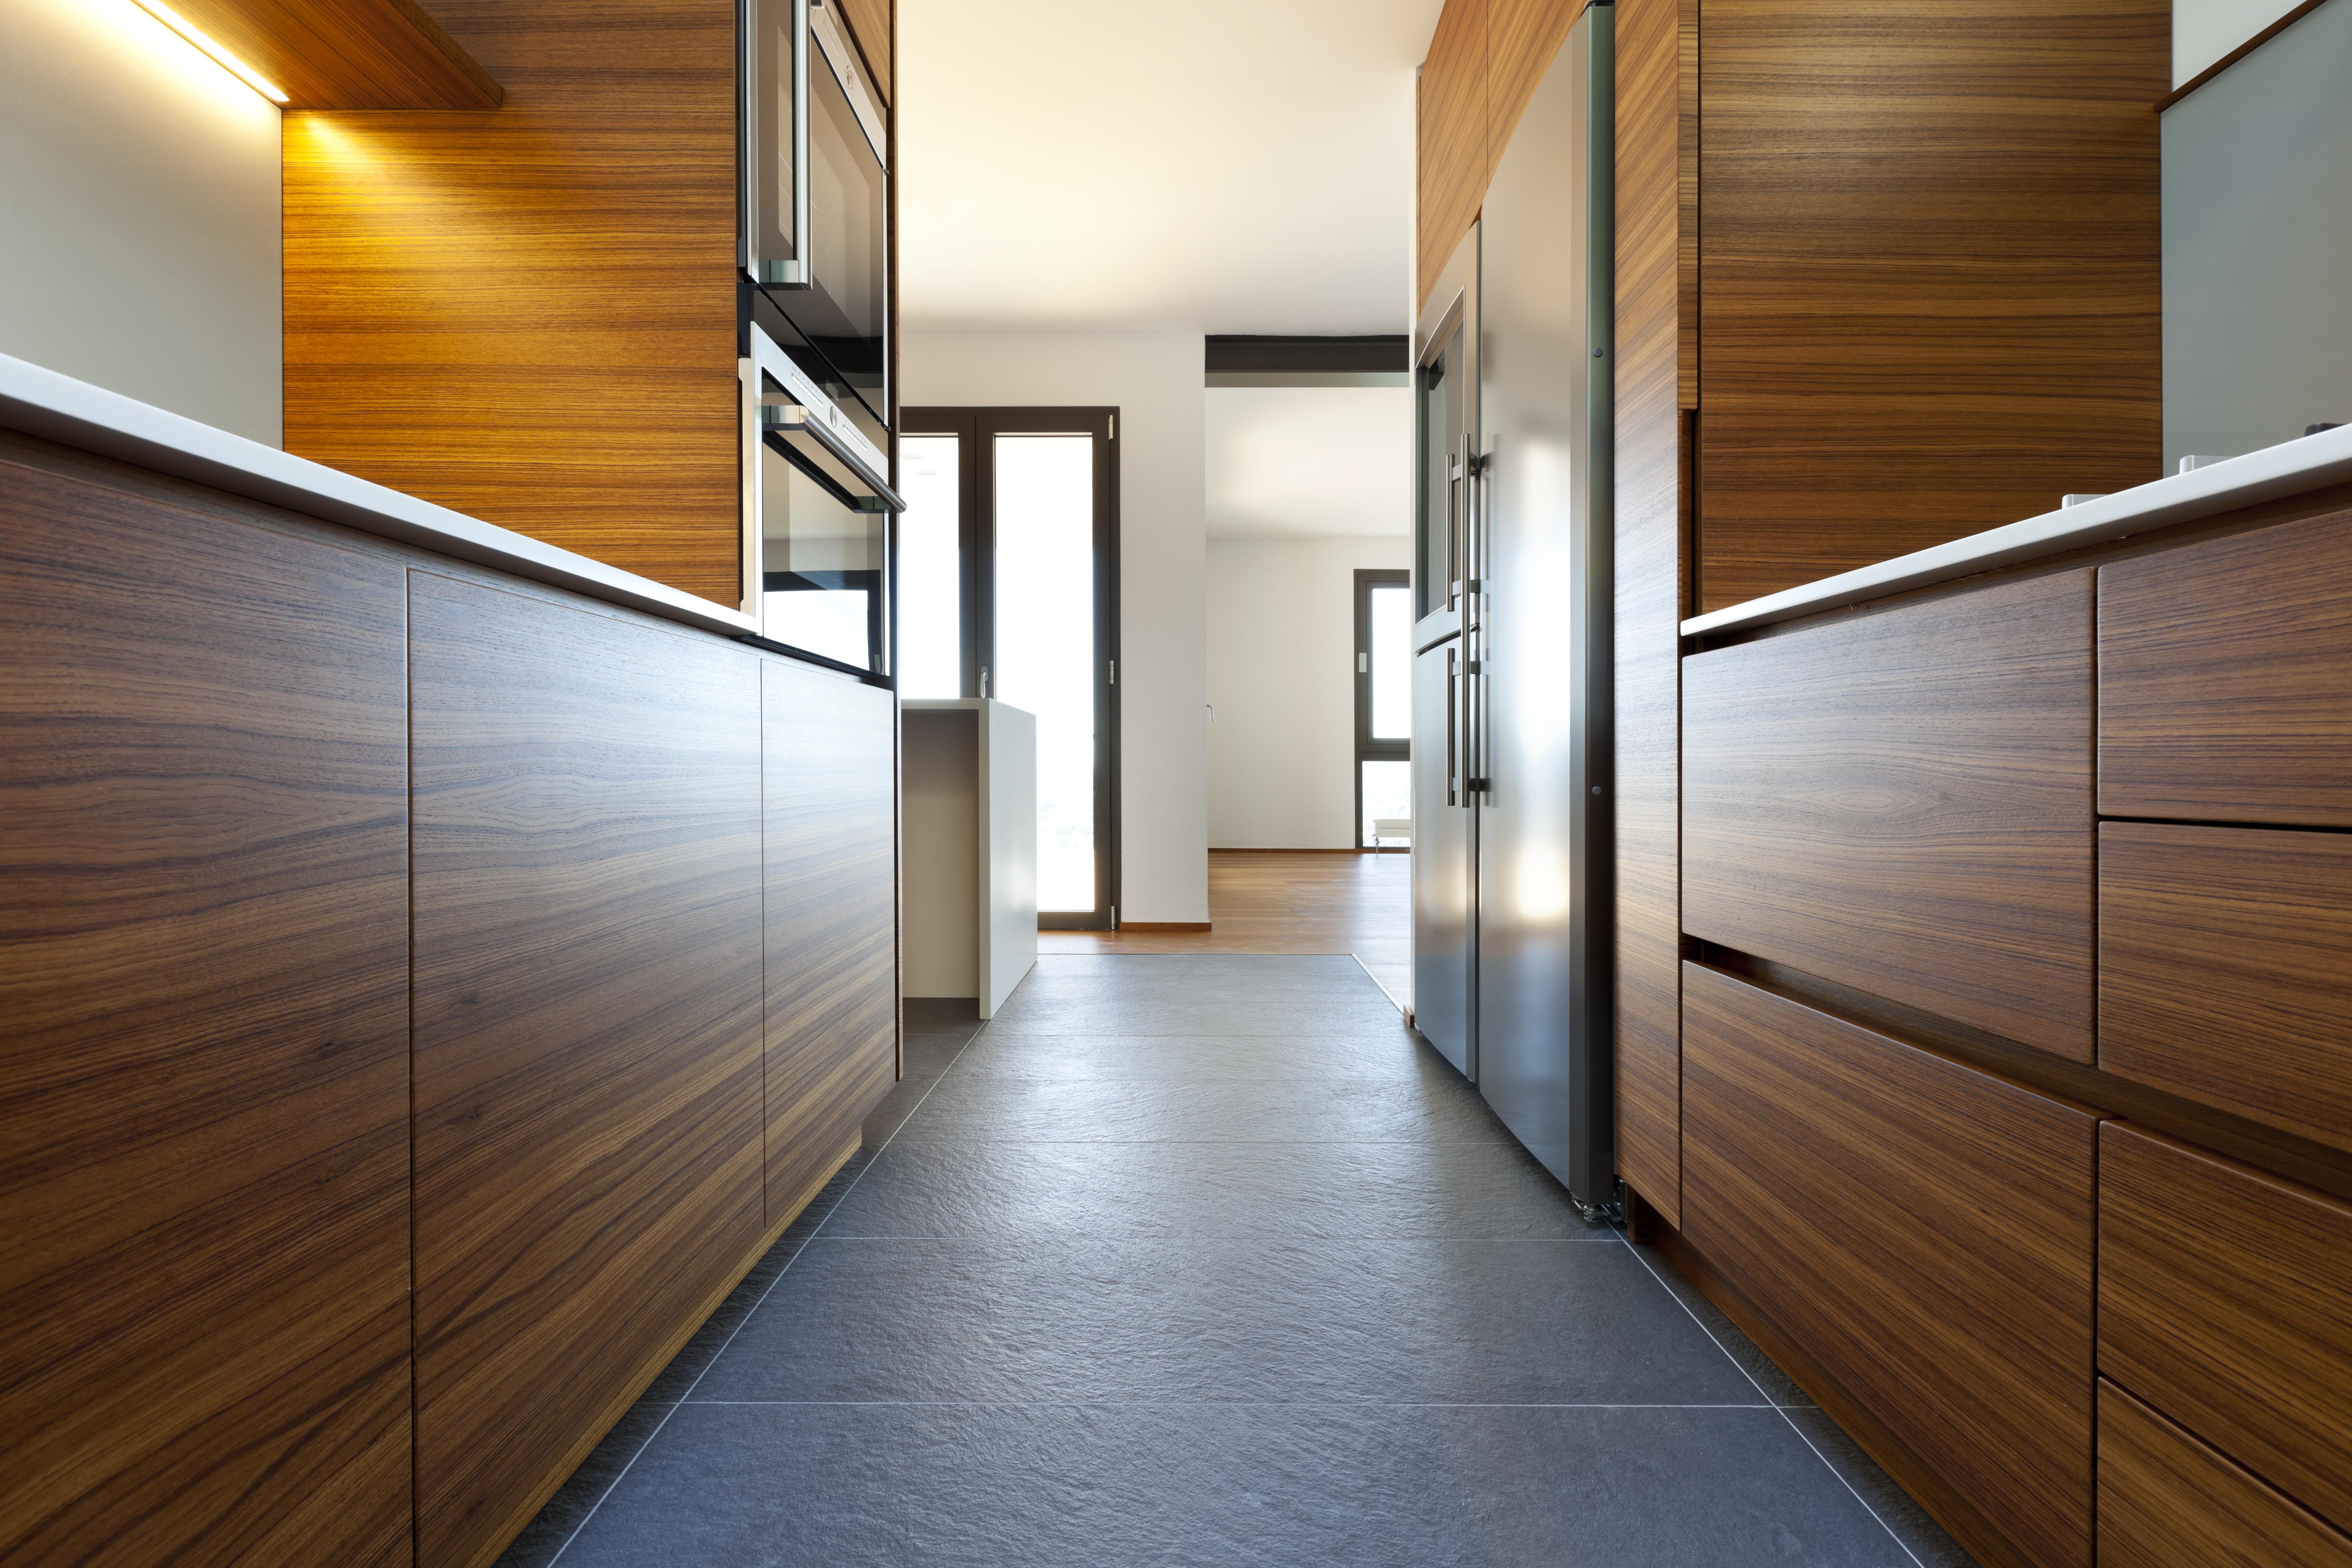 cozinha estreita com móveis dos dois lados